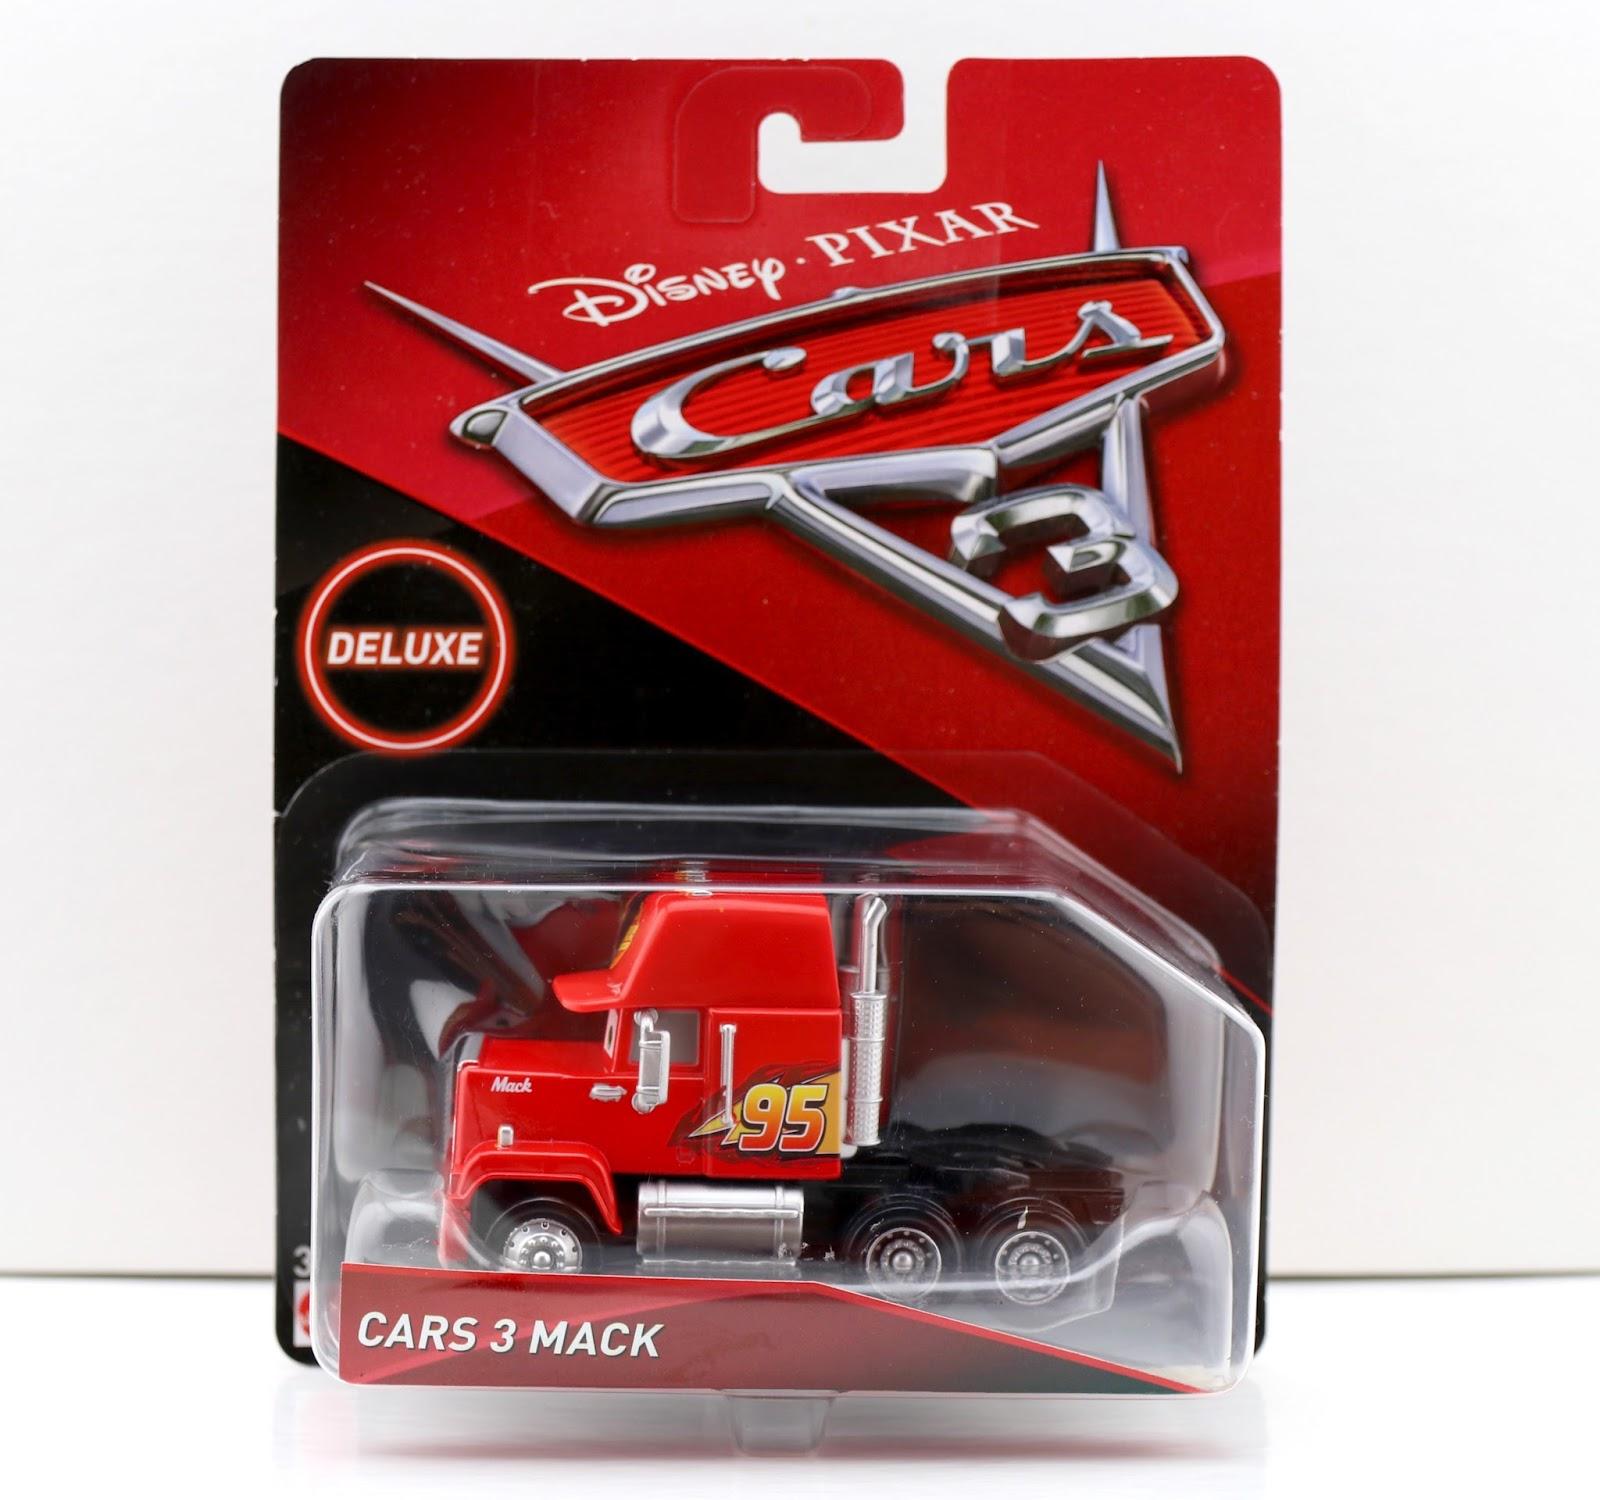 pixar mattel deluxe mack cars 3 diecast